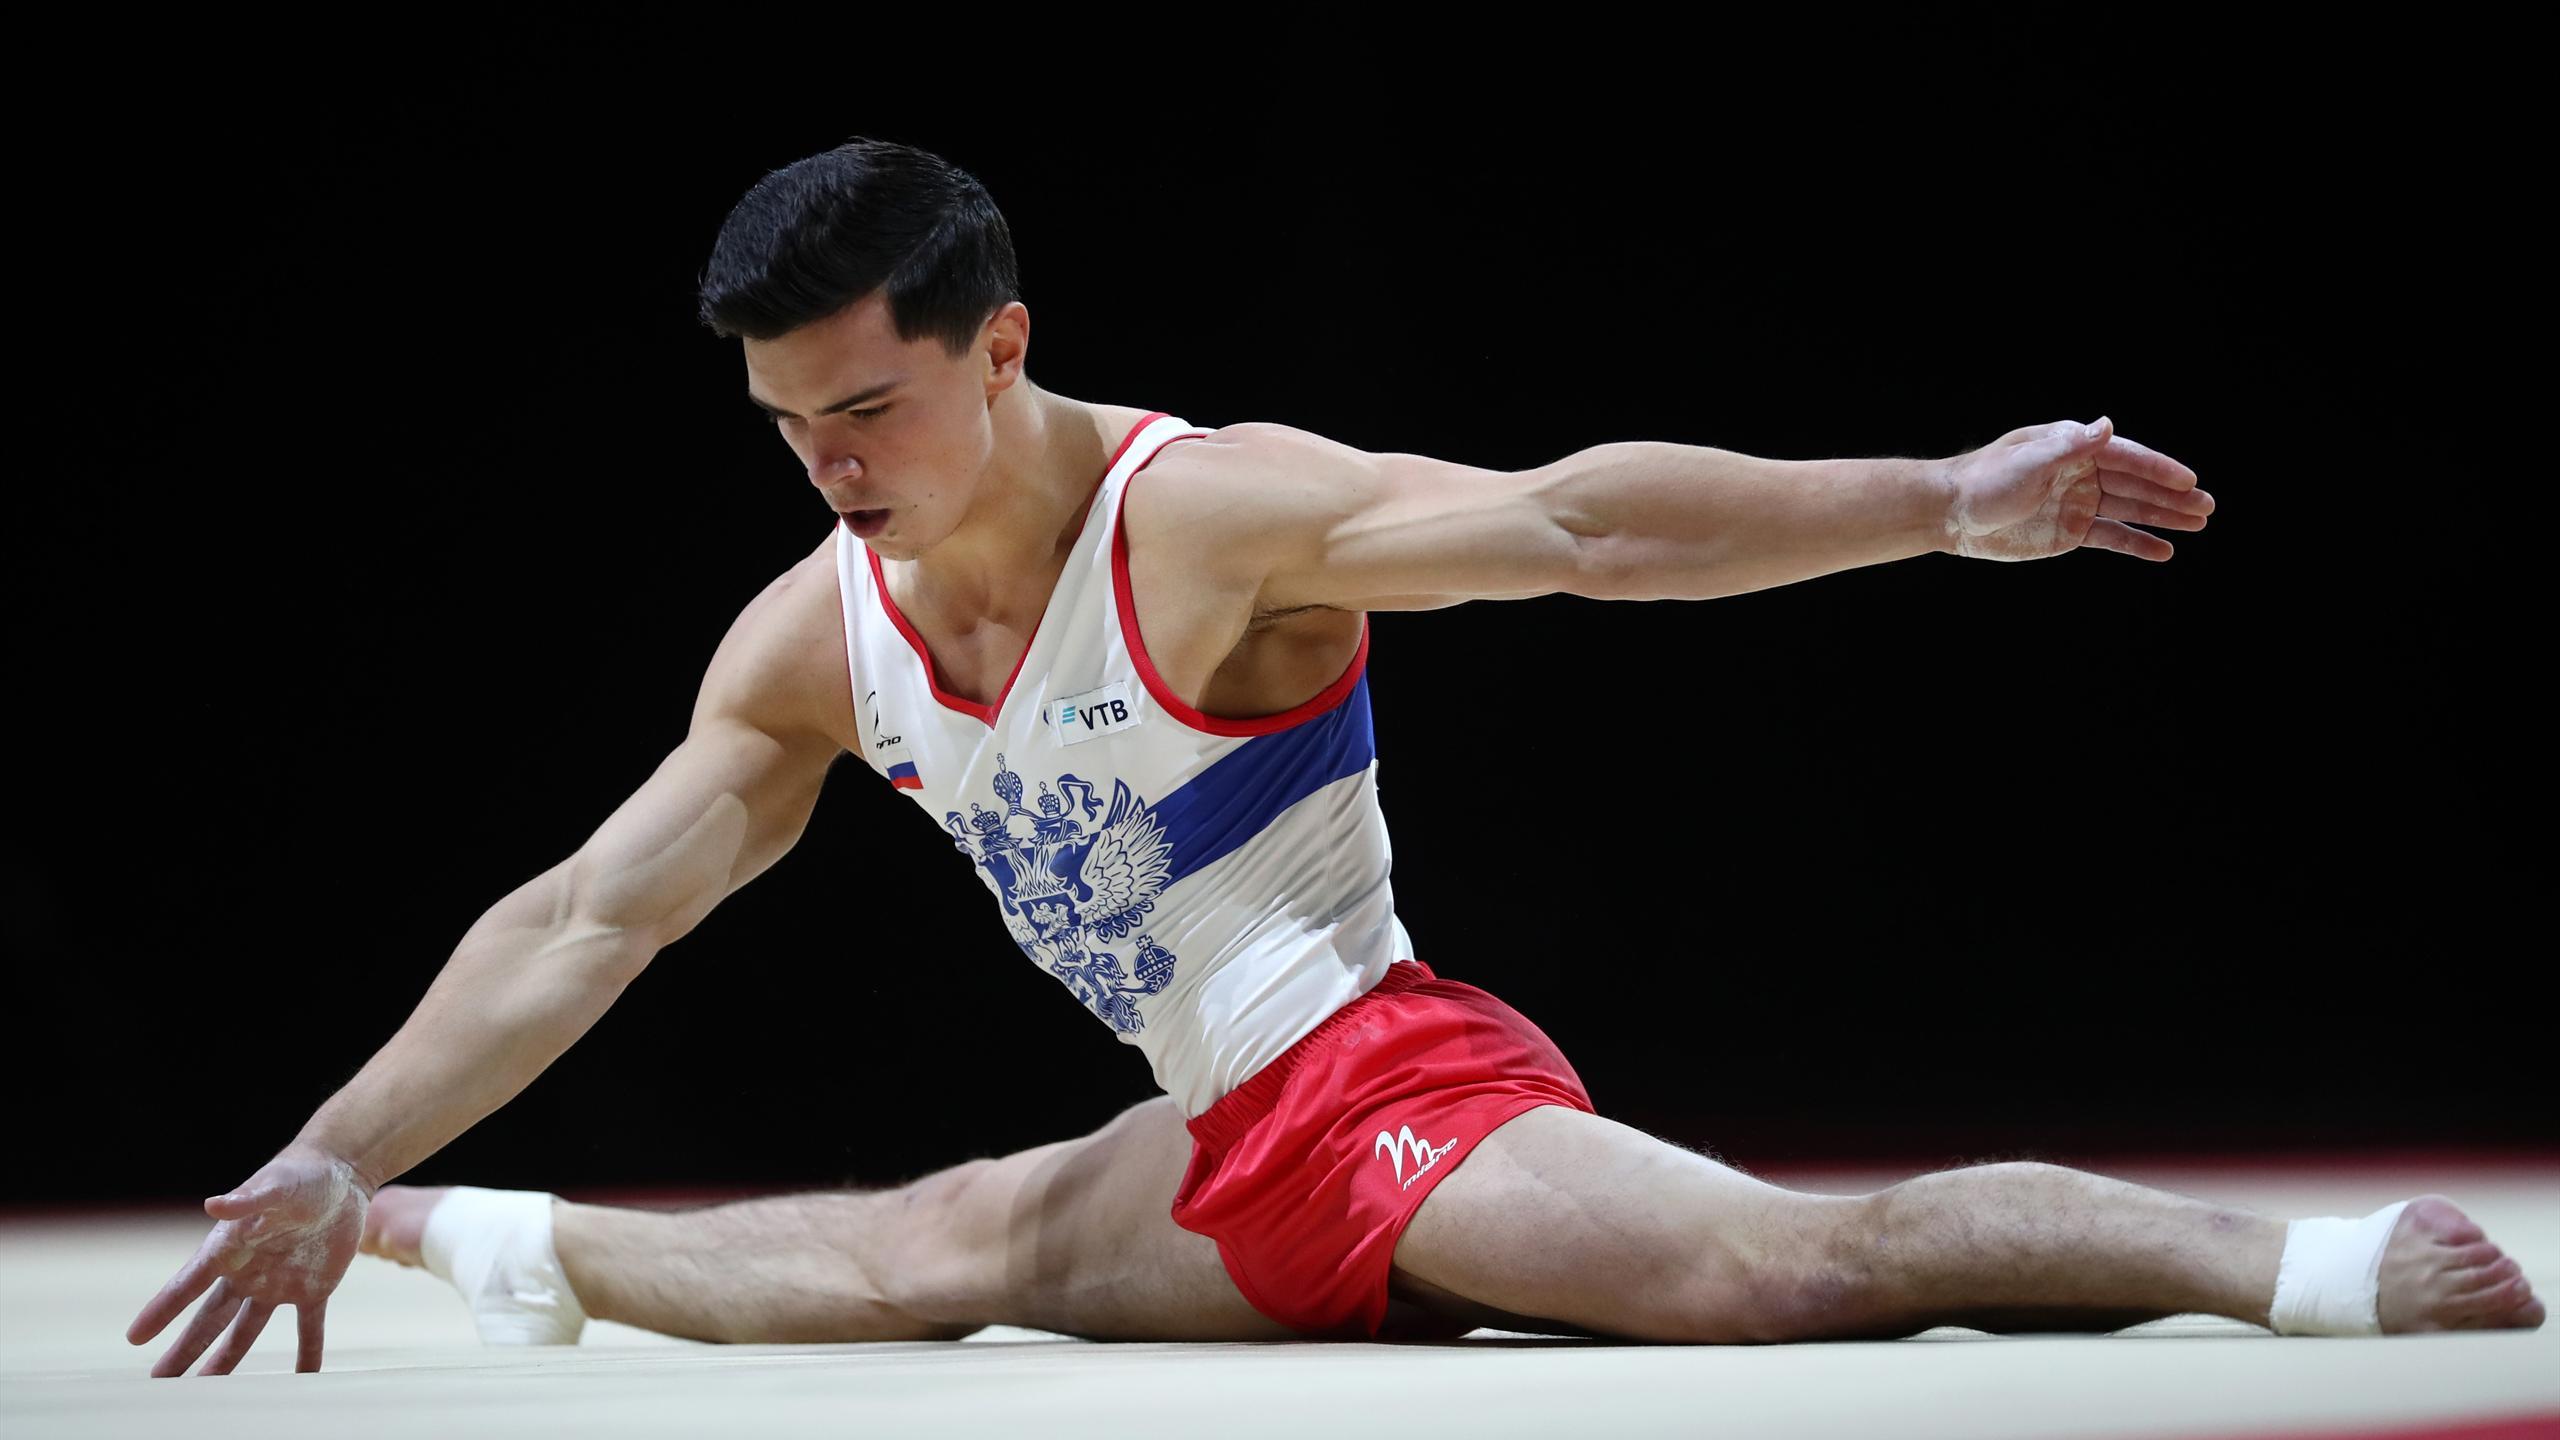 установке фото мужики гимнасты среди